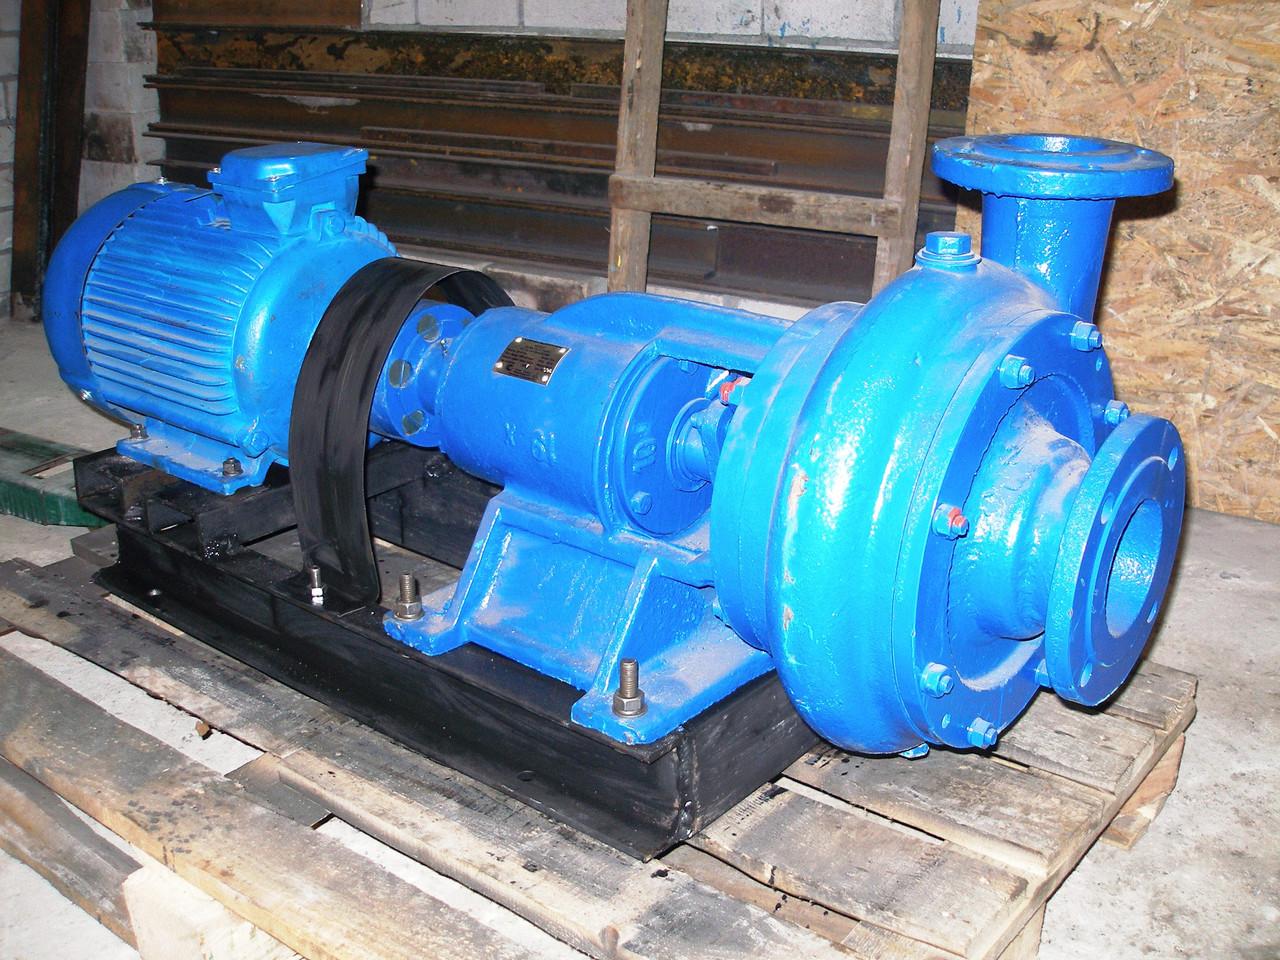 Насос фекальный СД250/22.5б с эл.двиг. 22 кВт/1500 об.мин